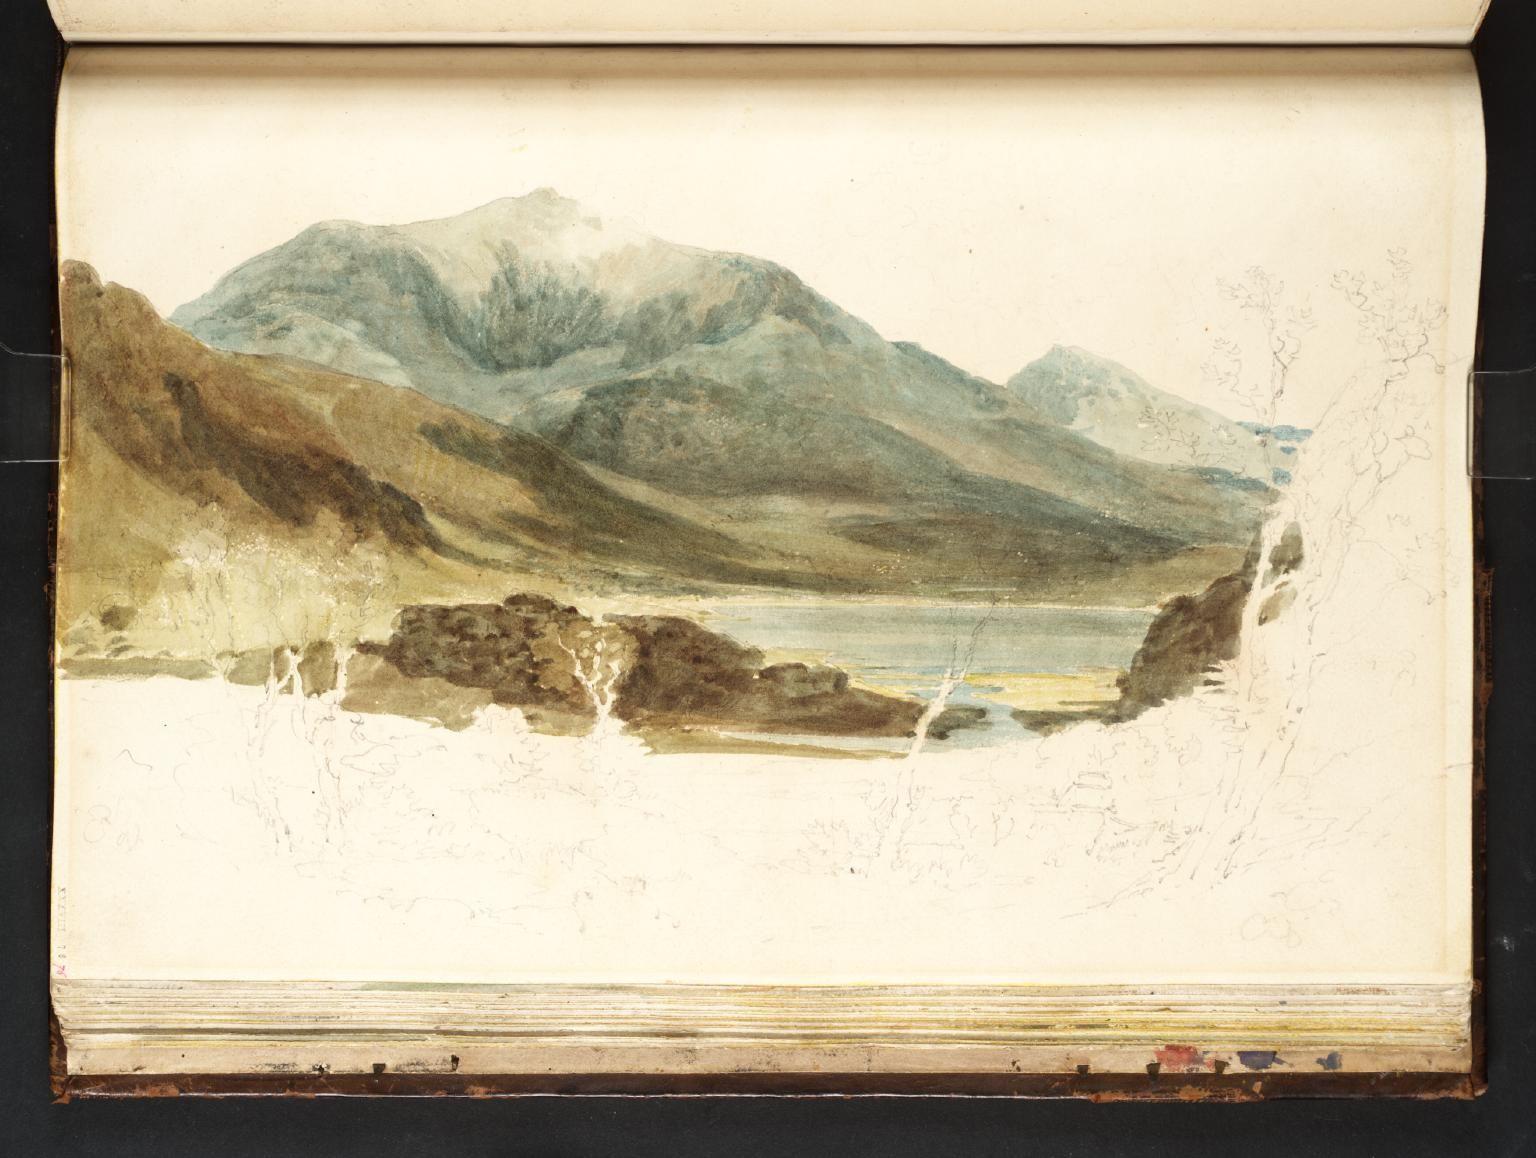 Joseph Mallord William Turner 'Snowdon and Yr Aran from Llyn Cwellyn', 1798